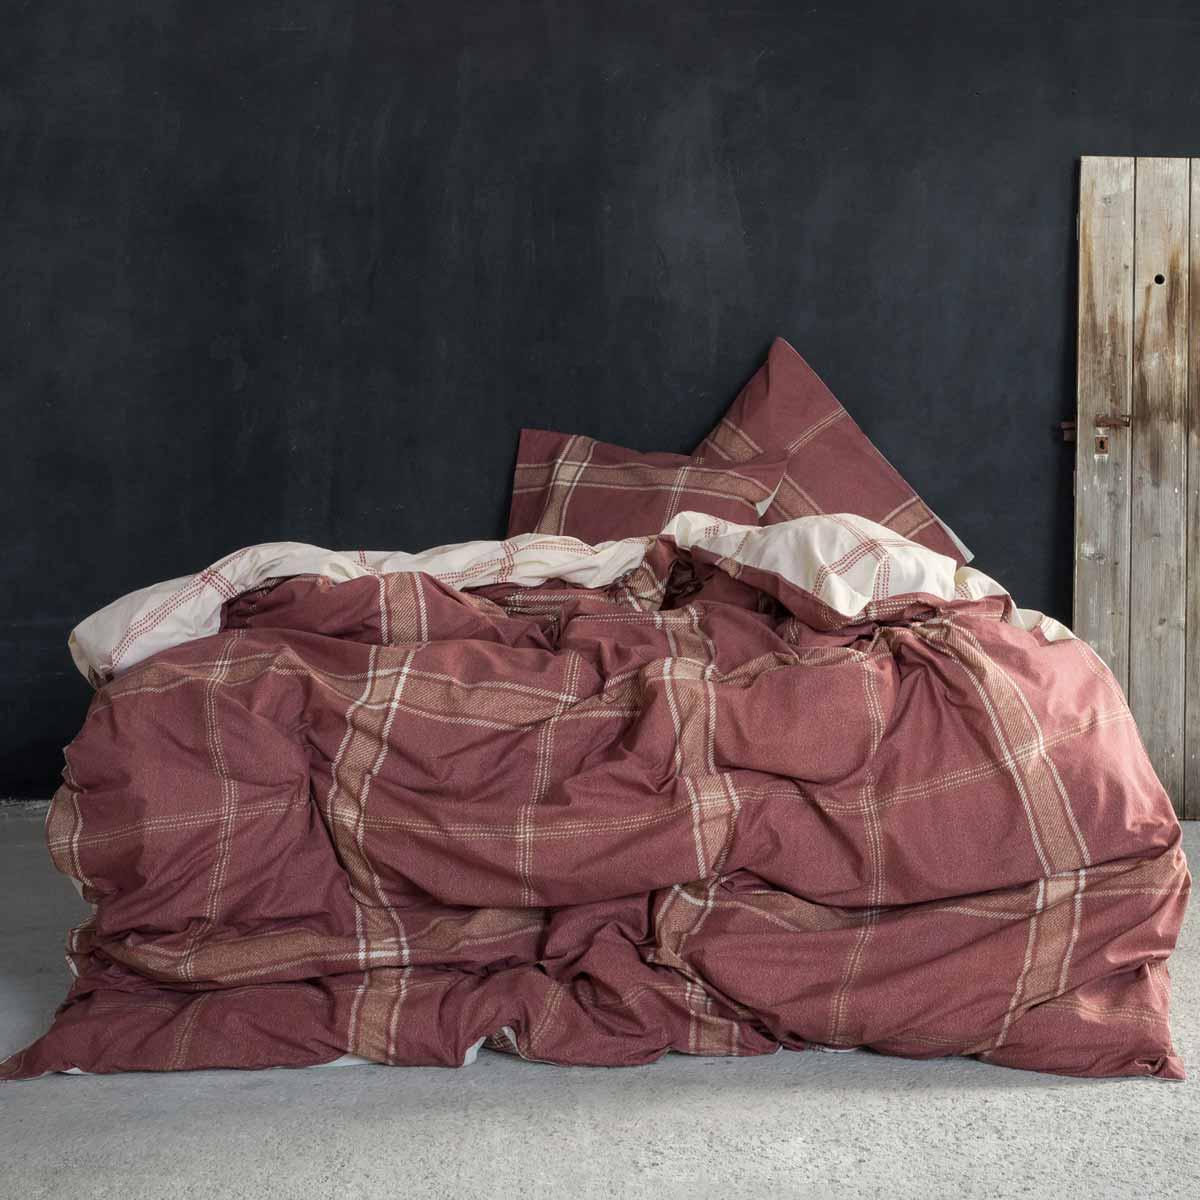 Σεντόνια Υπέρδιπλα (Σετ) Nima Bed Linen Apparel Terracotta ΜΕ ΛΑΣΤΙΧΟ 160×200+32 ΜΕ ΛΑΣΤΙΧΟ 160×200+32